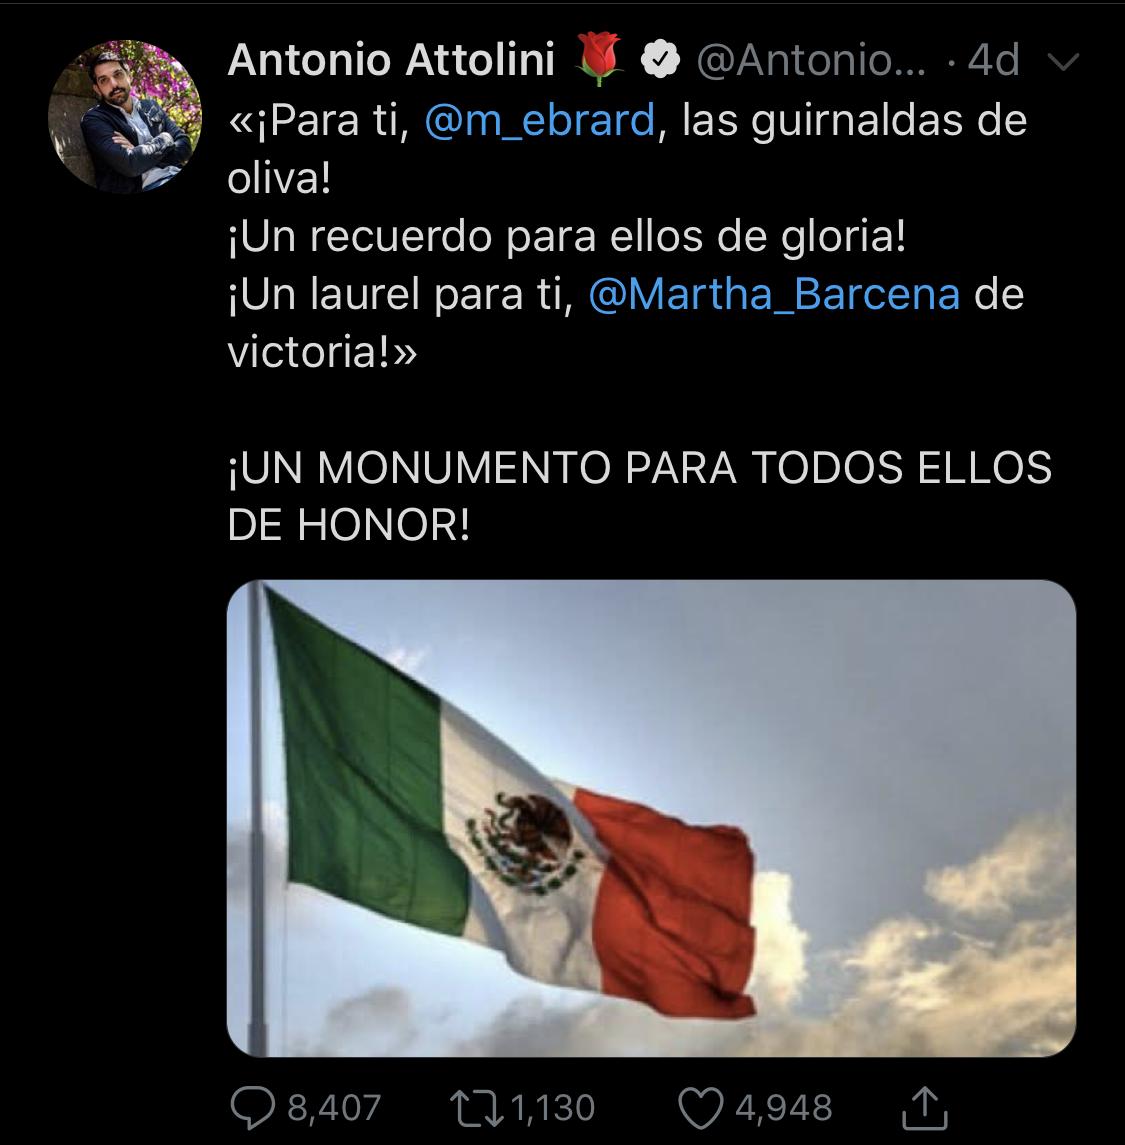 Antonio Atollini